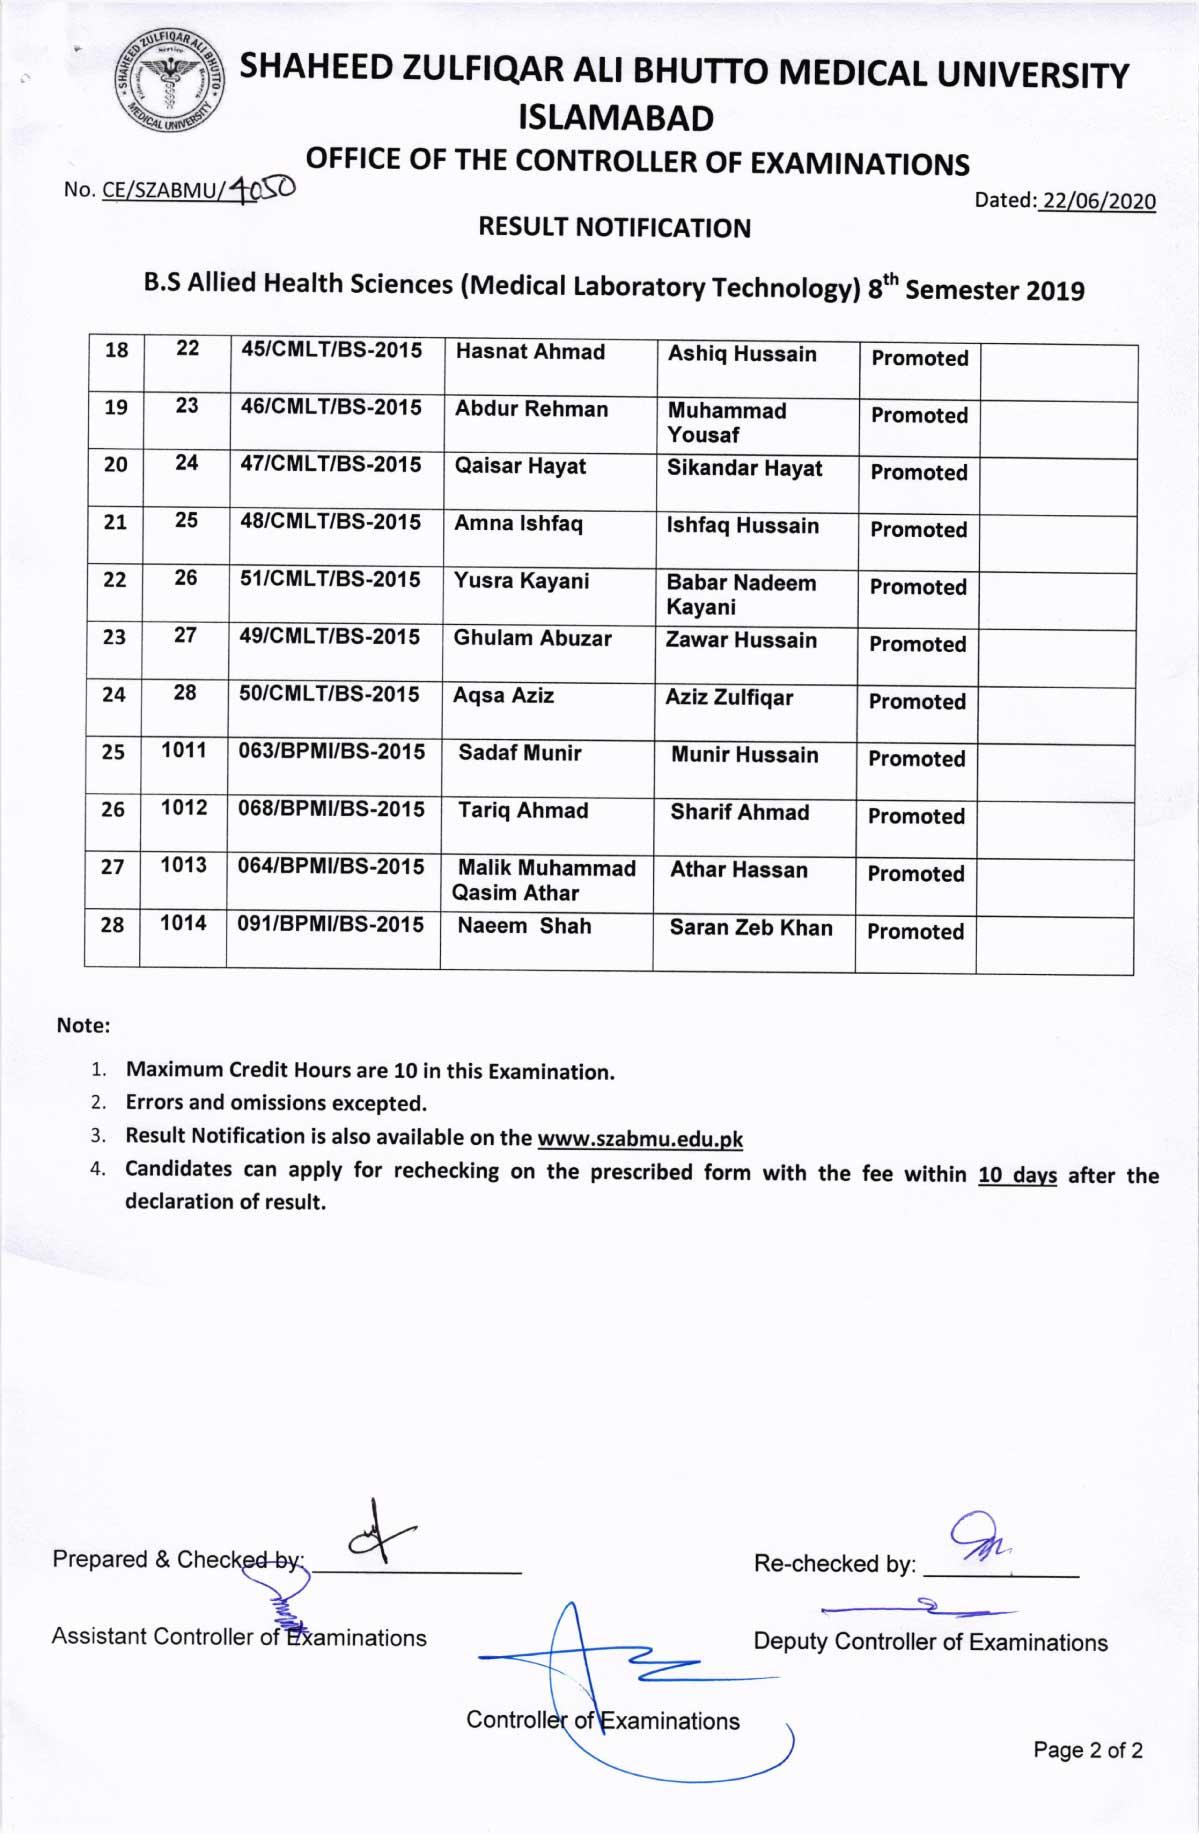 Result Notification of B.S. Hons (AHS) 8th Semester